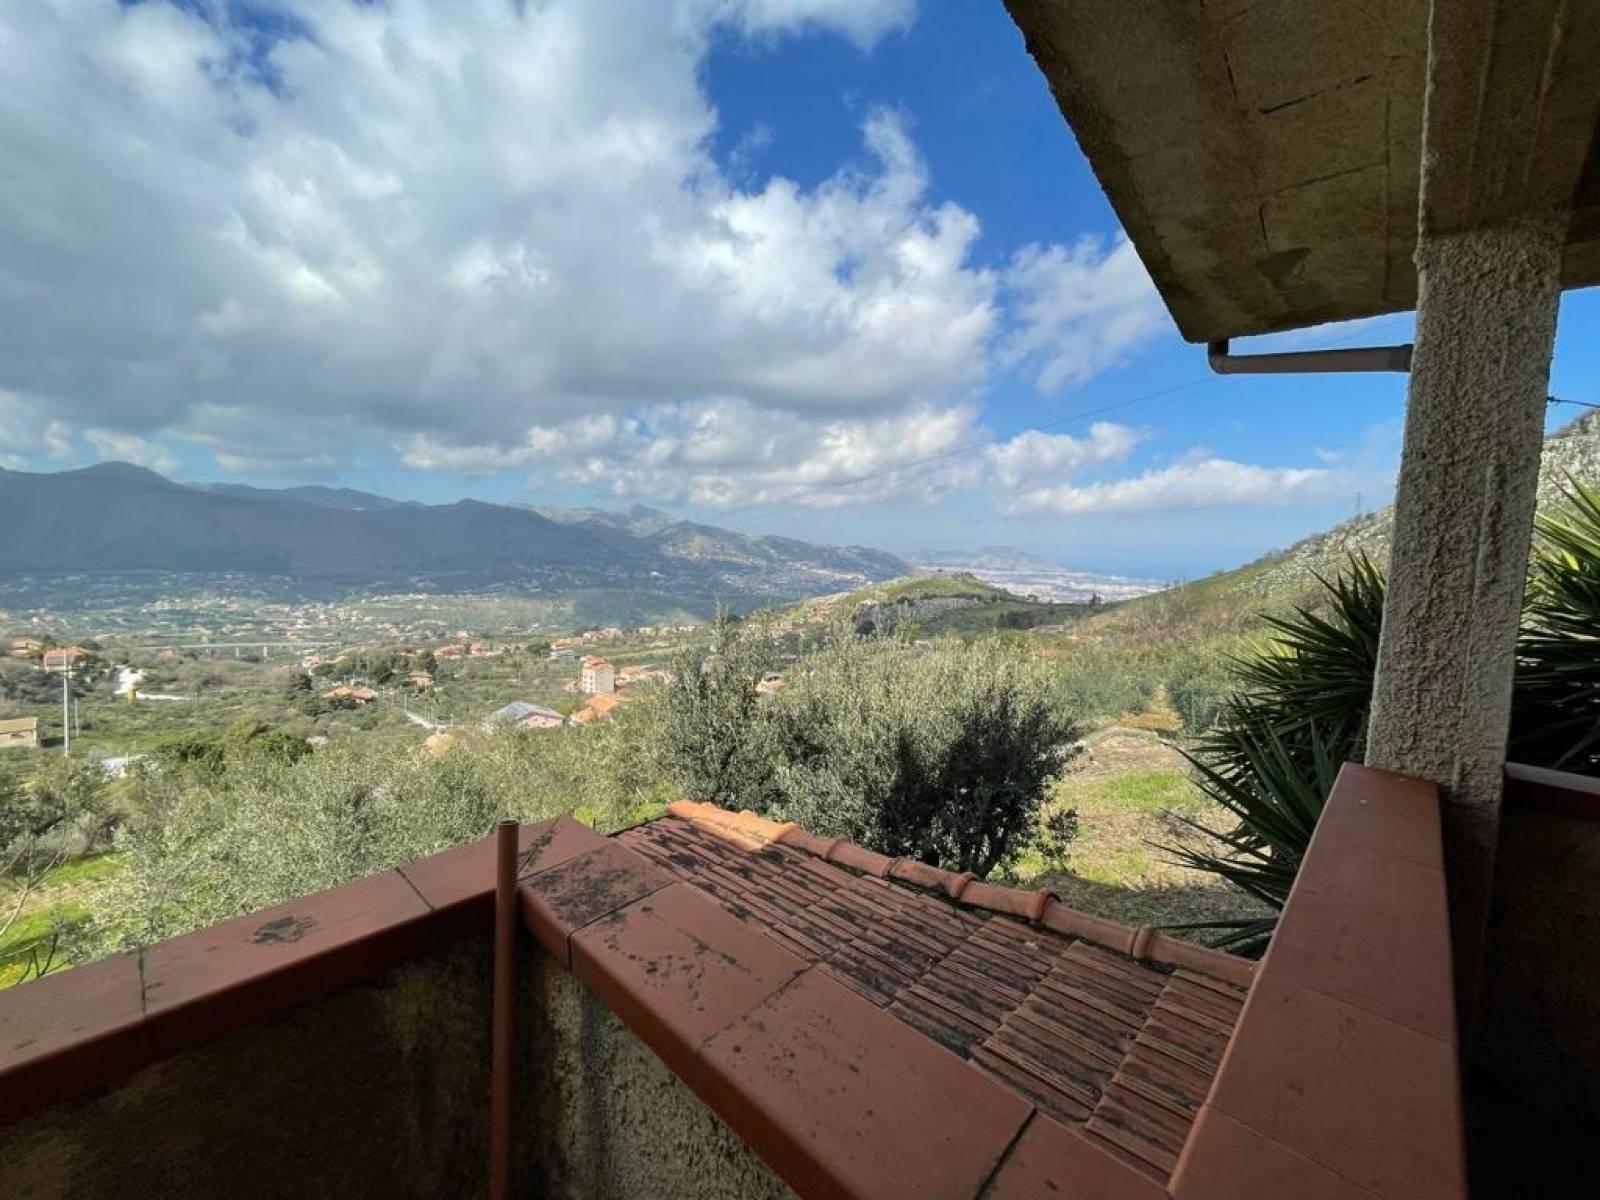 Villa in vendita a Altofonte, 4 locali, prezzo € 109.000 | CambioCasa.it